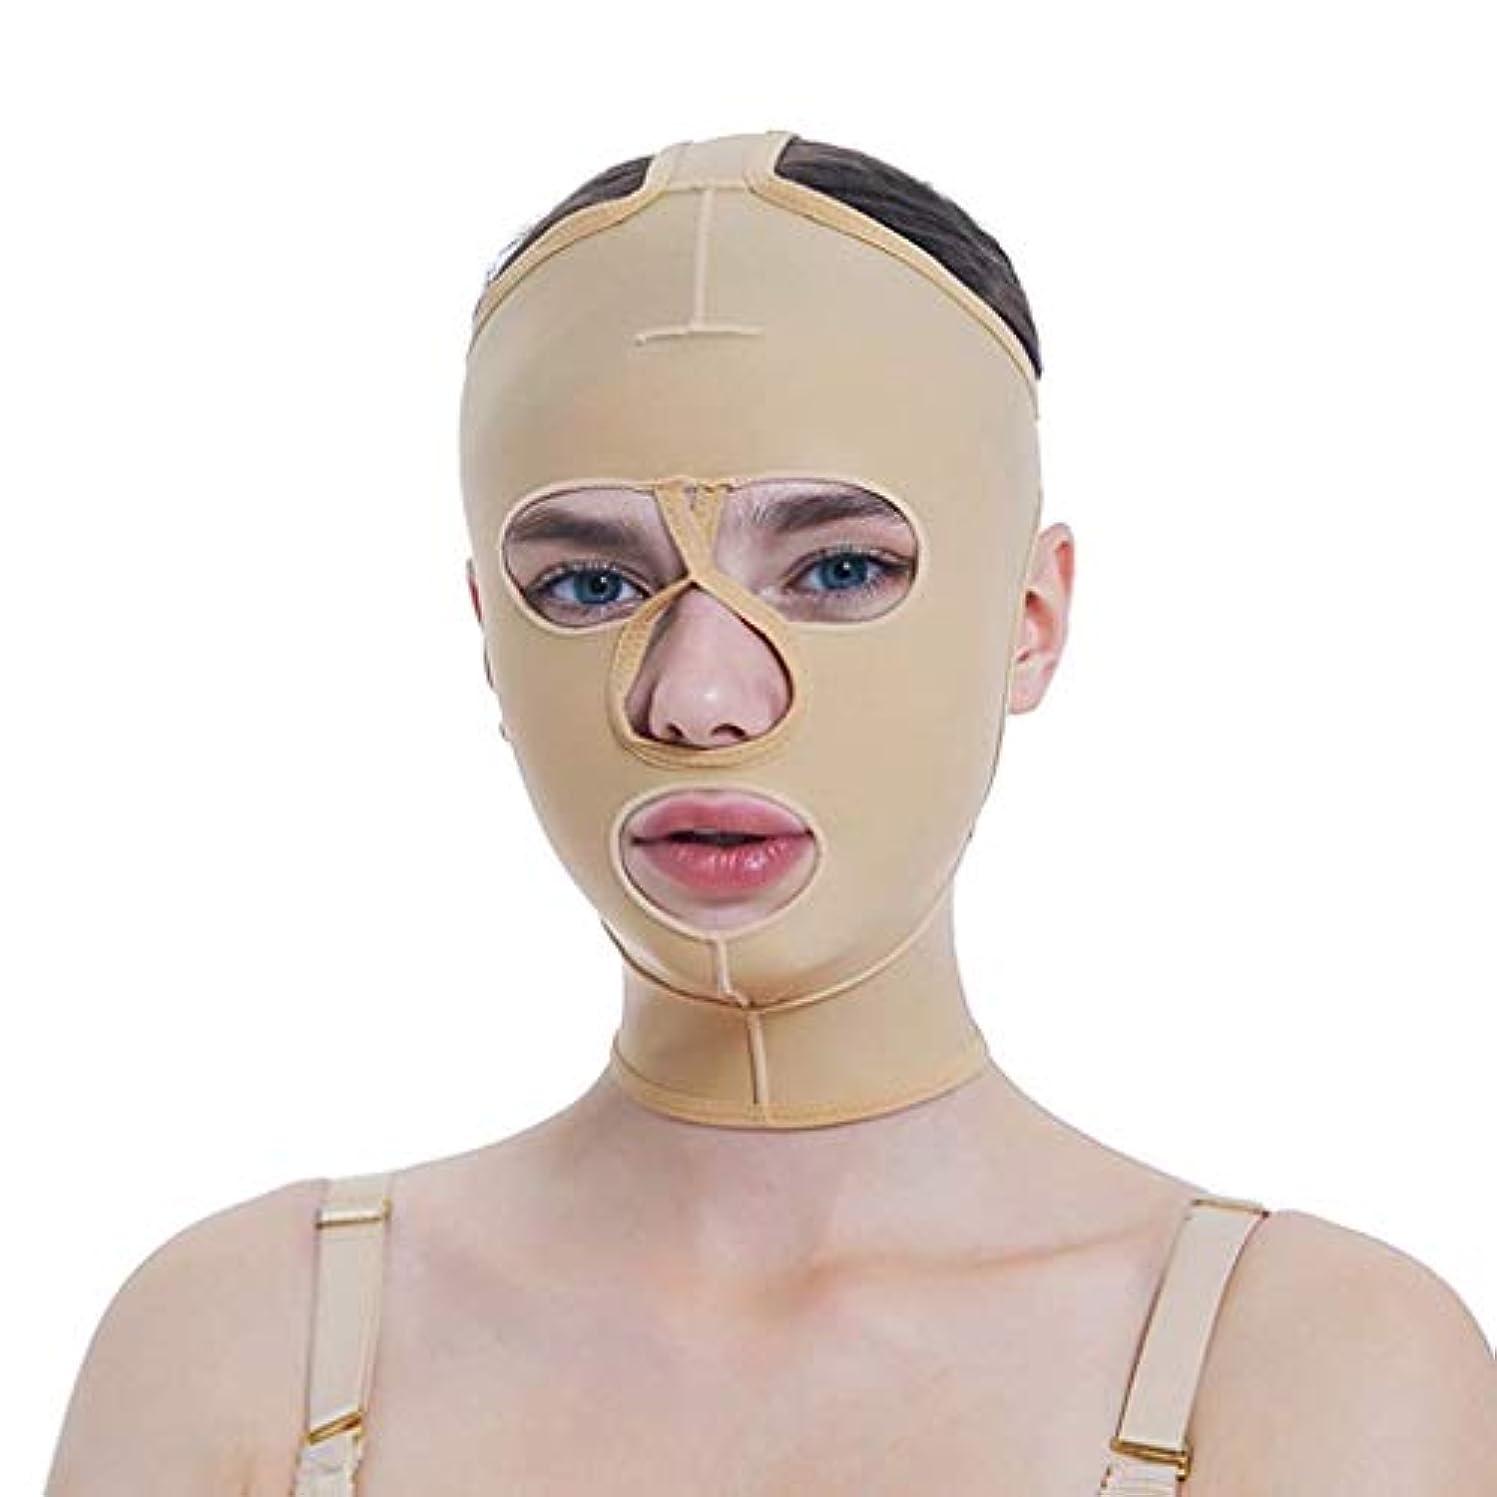 とげのある接続詞皮脂肪吸引術用成形マスク、薄手かつらVフェイスビームフェイス弾性スリーブマルチサイズオプション(サイズ:S)